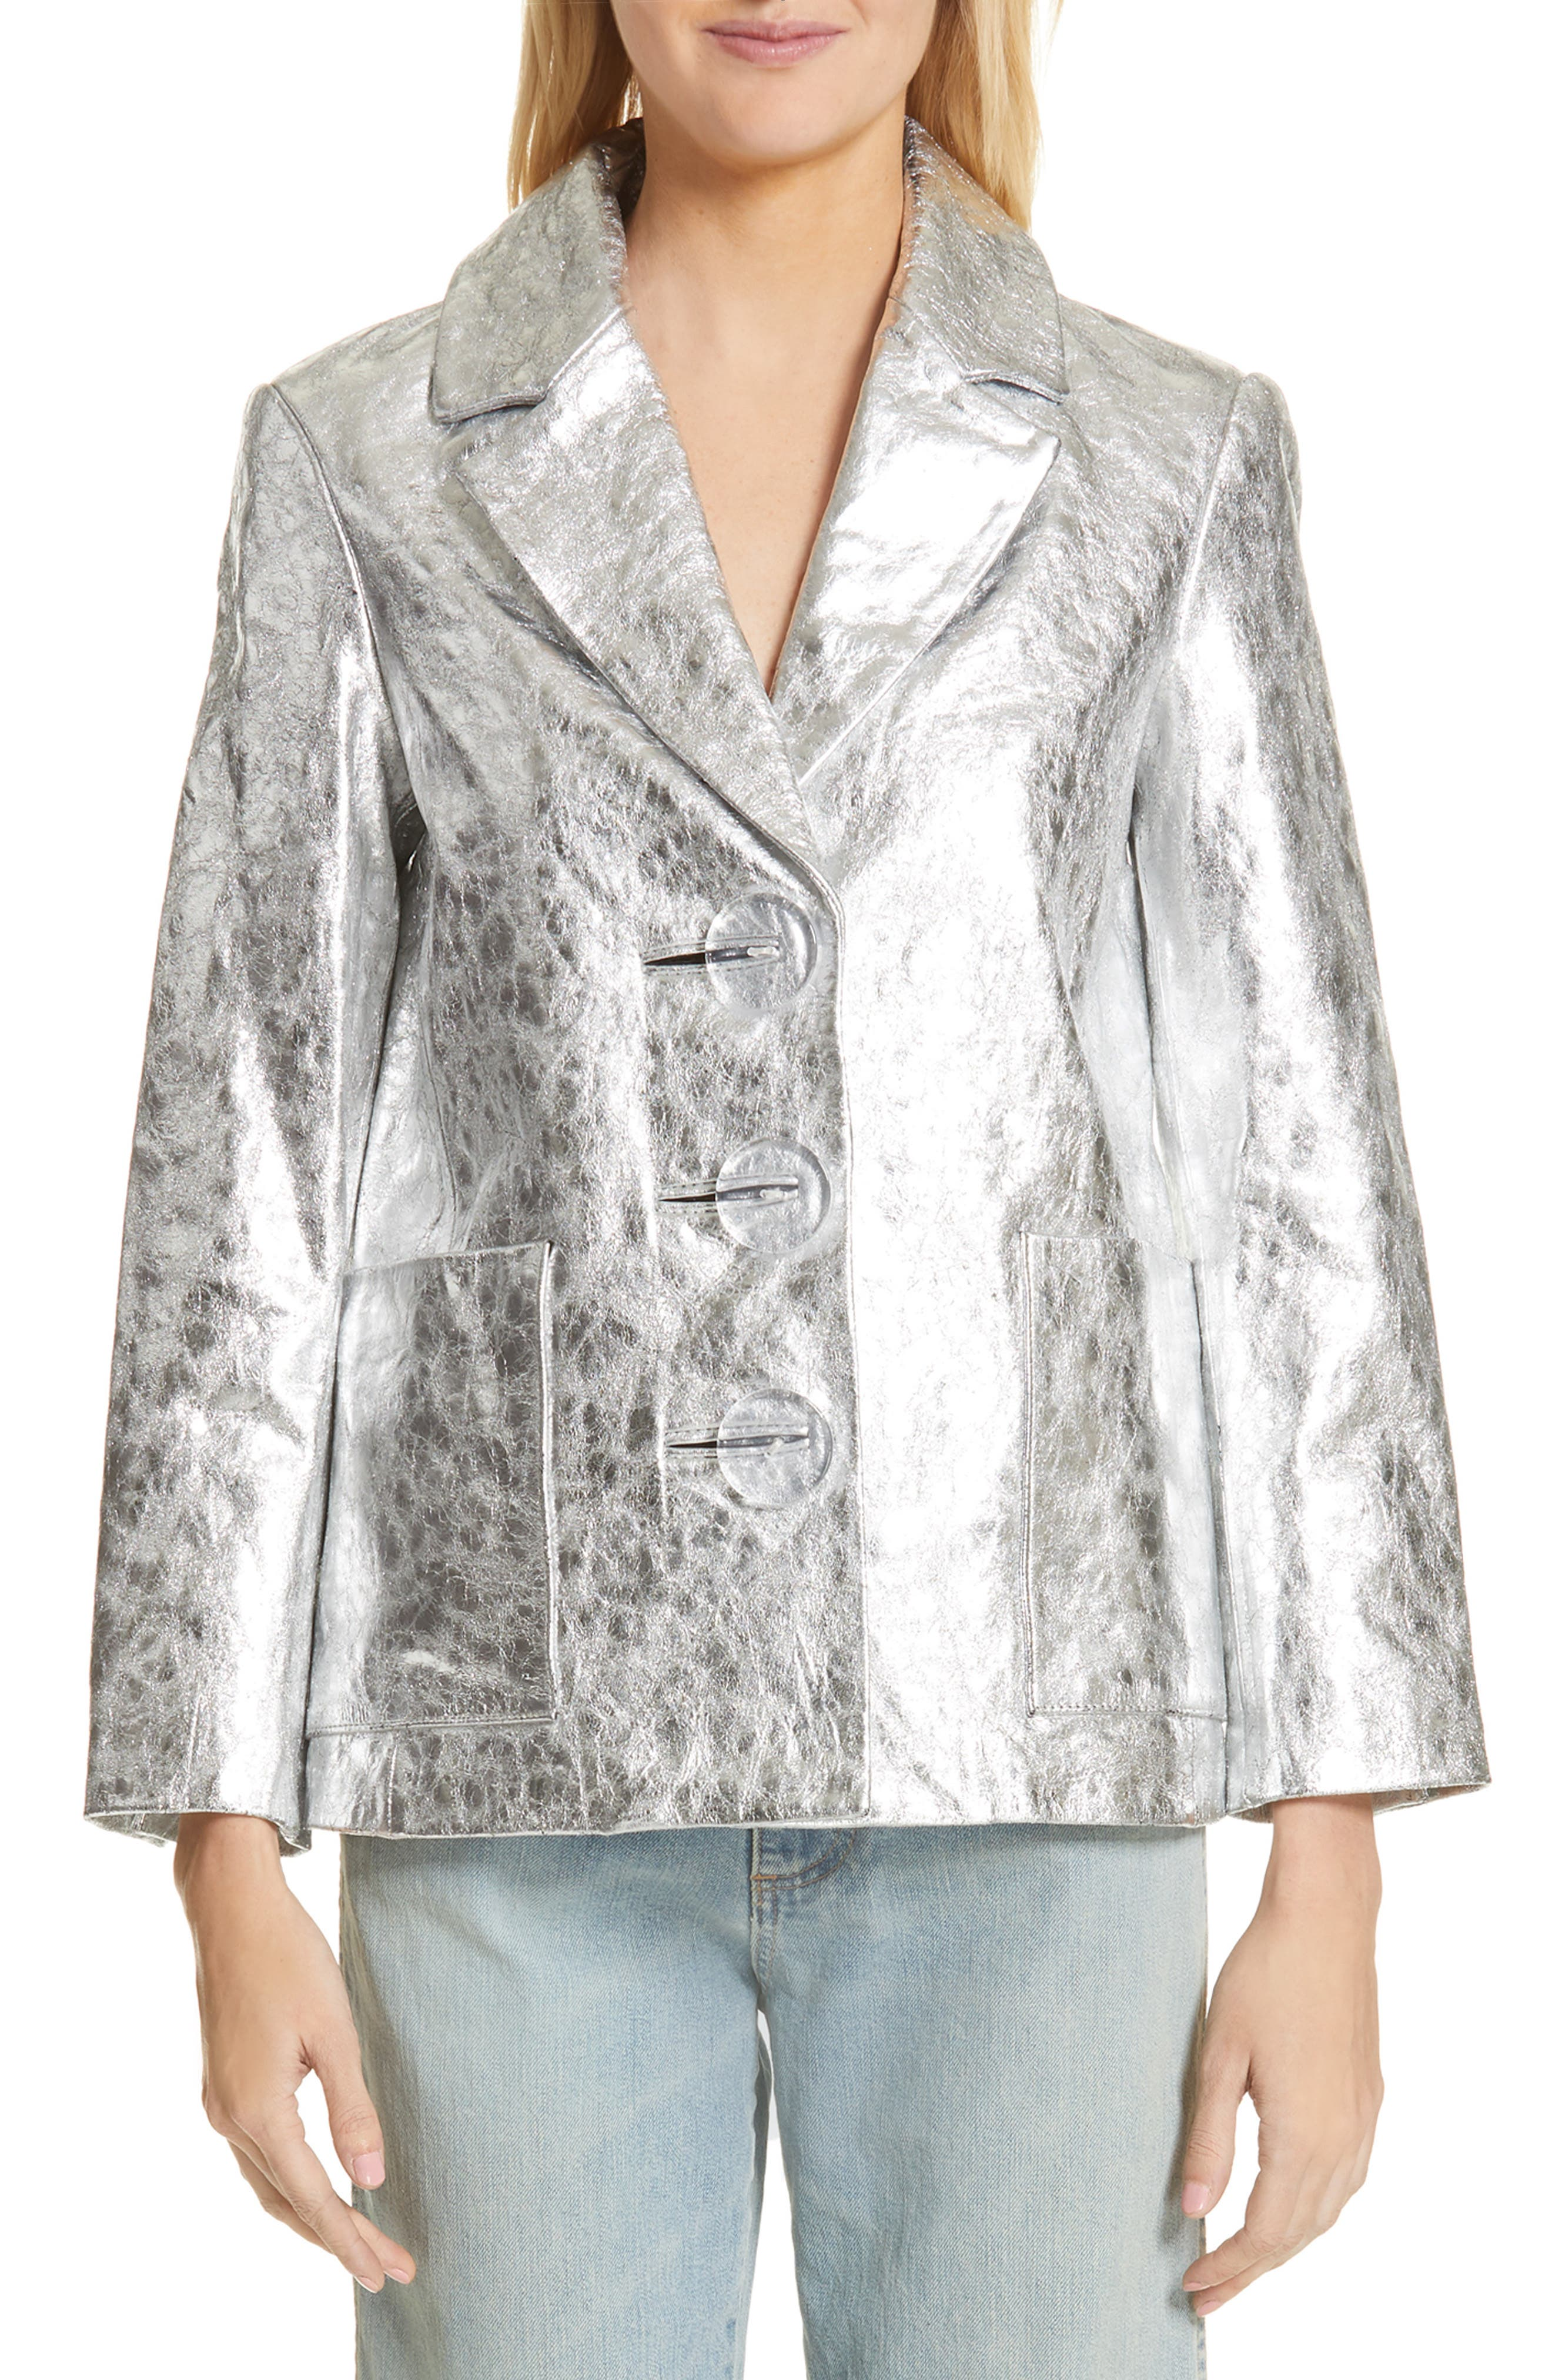 SIMON MILLER Dawes Crackled Leather Jacket, Main, color, SILVER CRACKLE